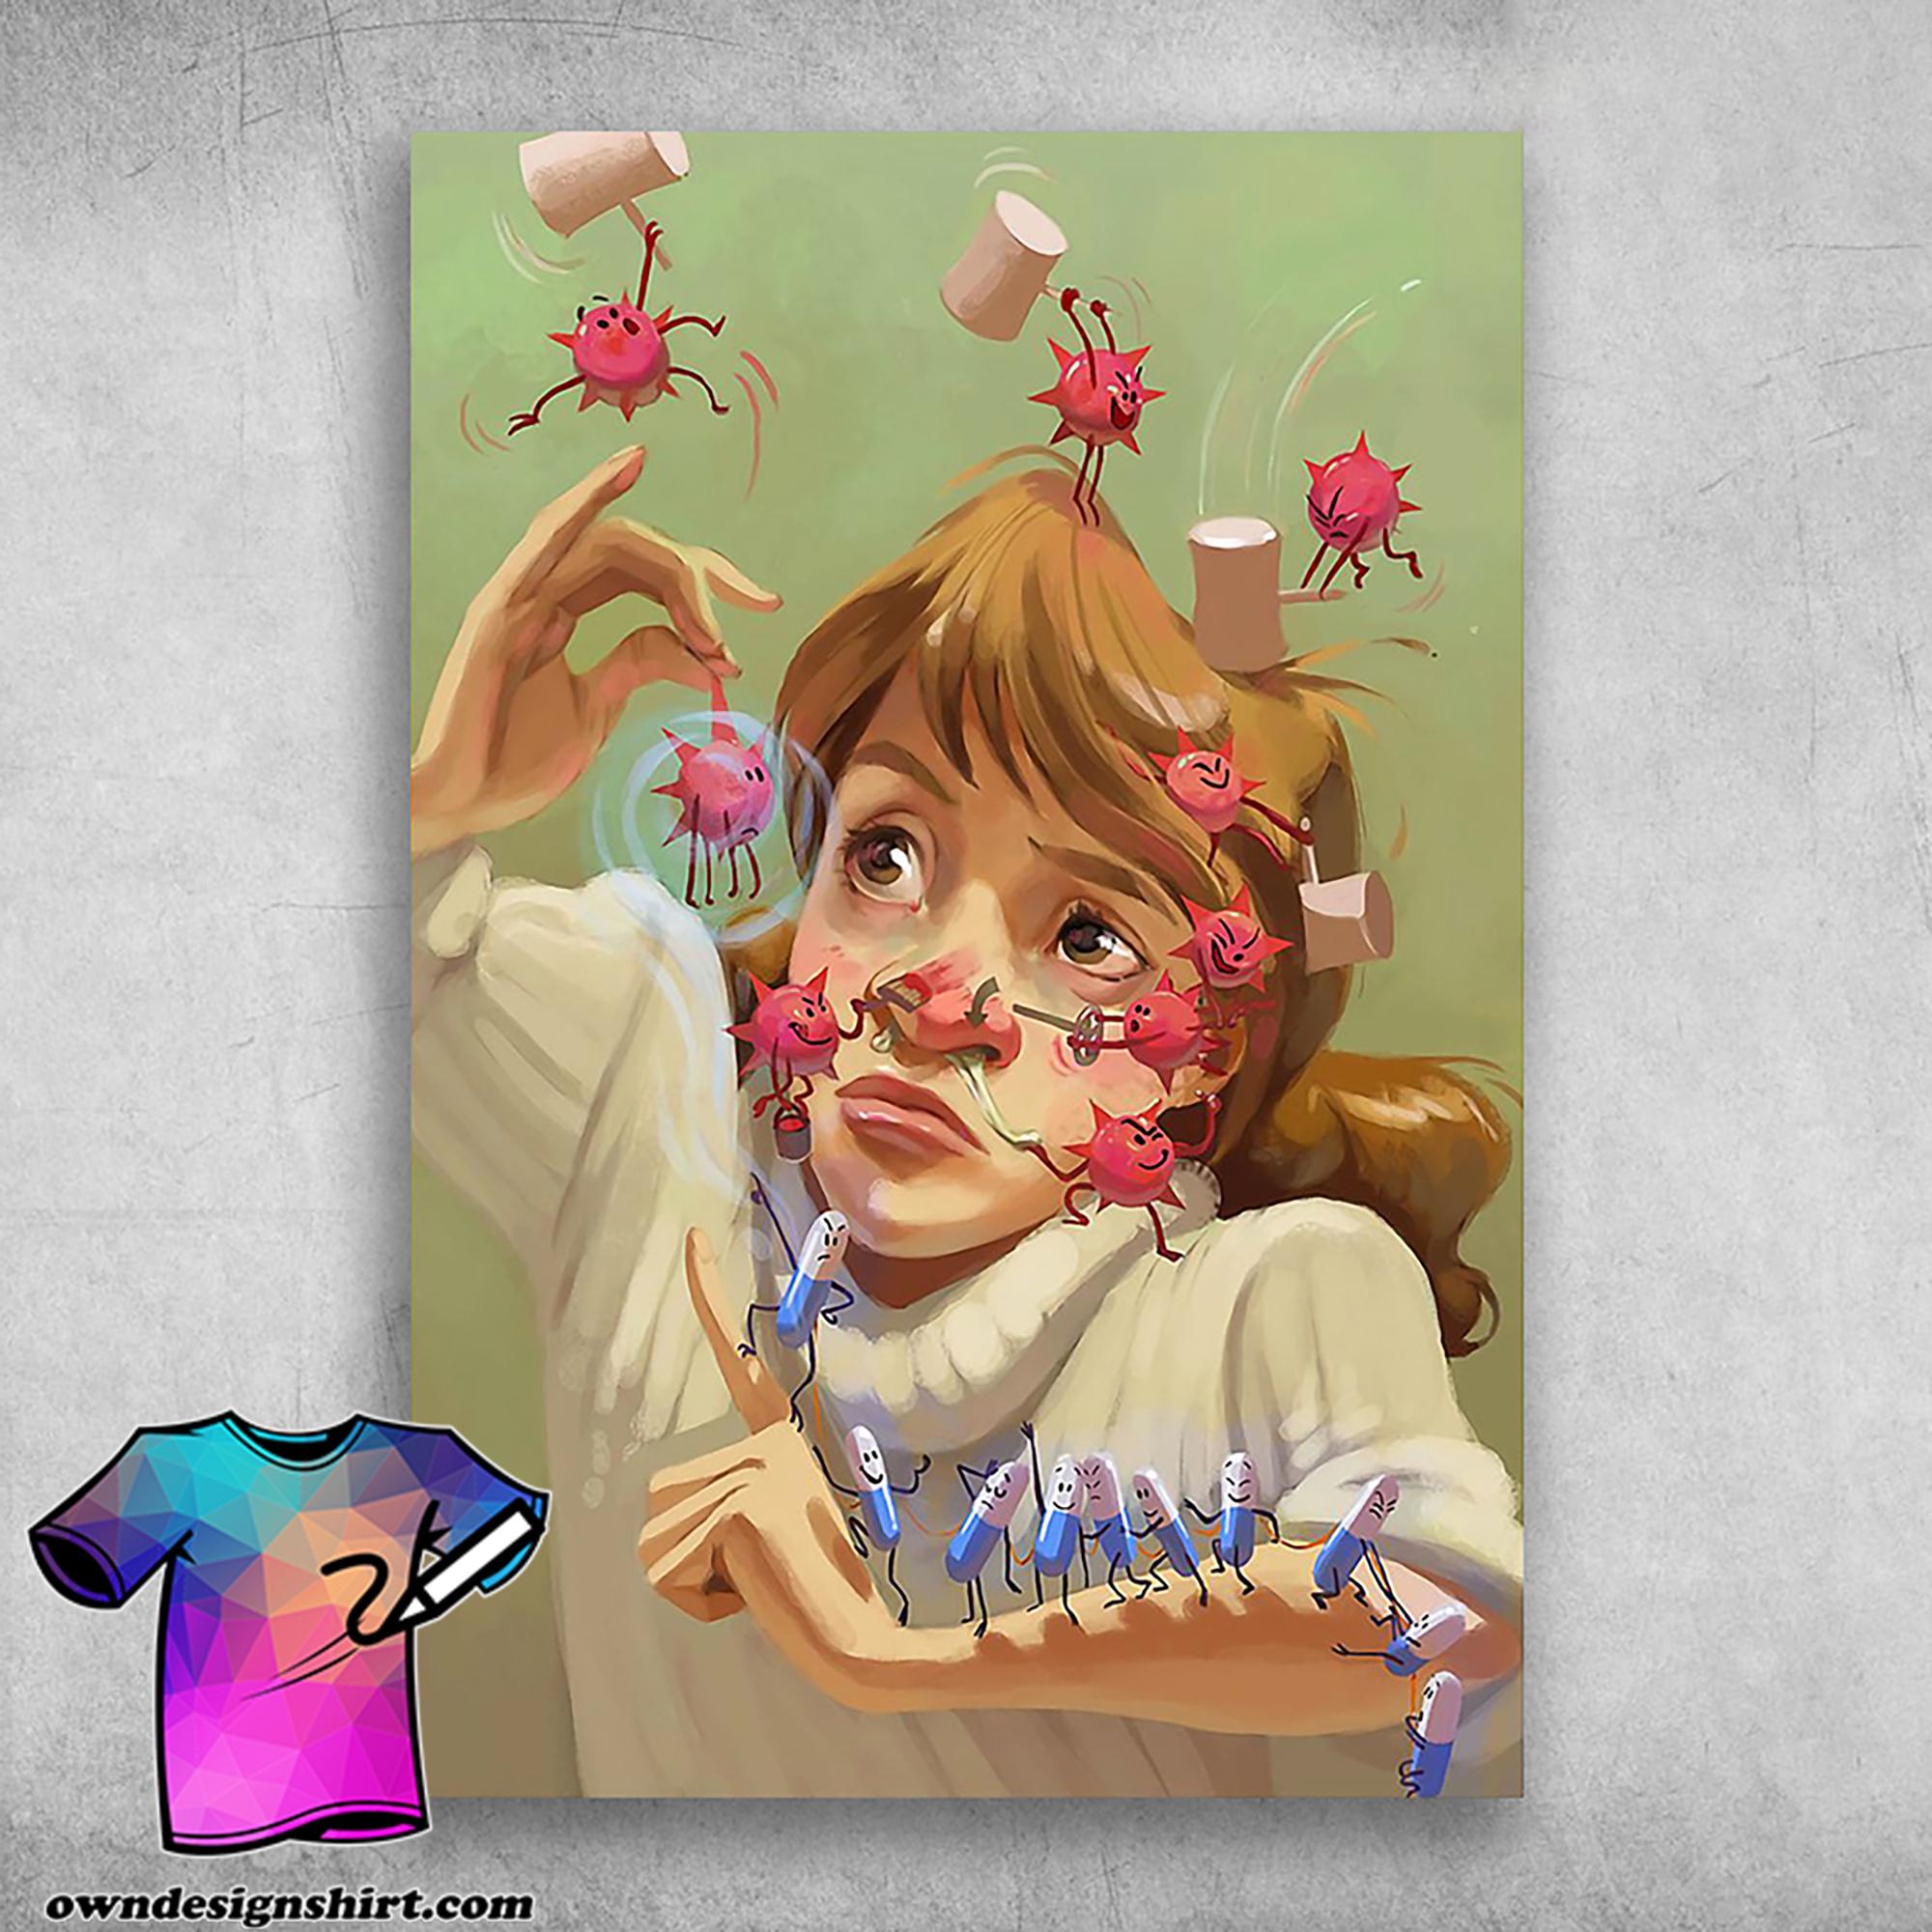 Pharmacy girl pharmacist community pharmacy related poster